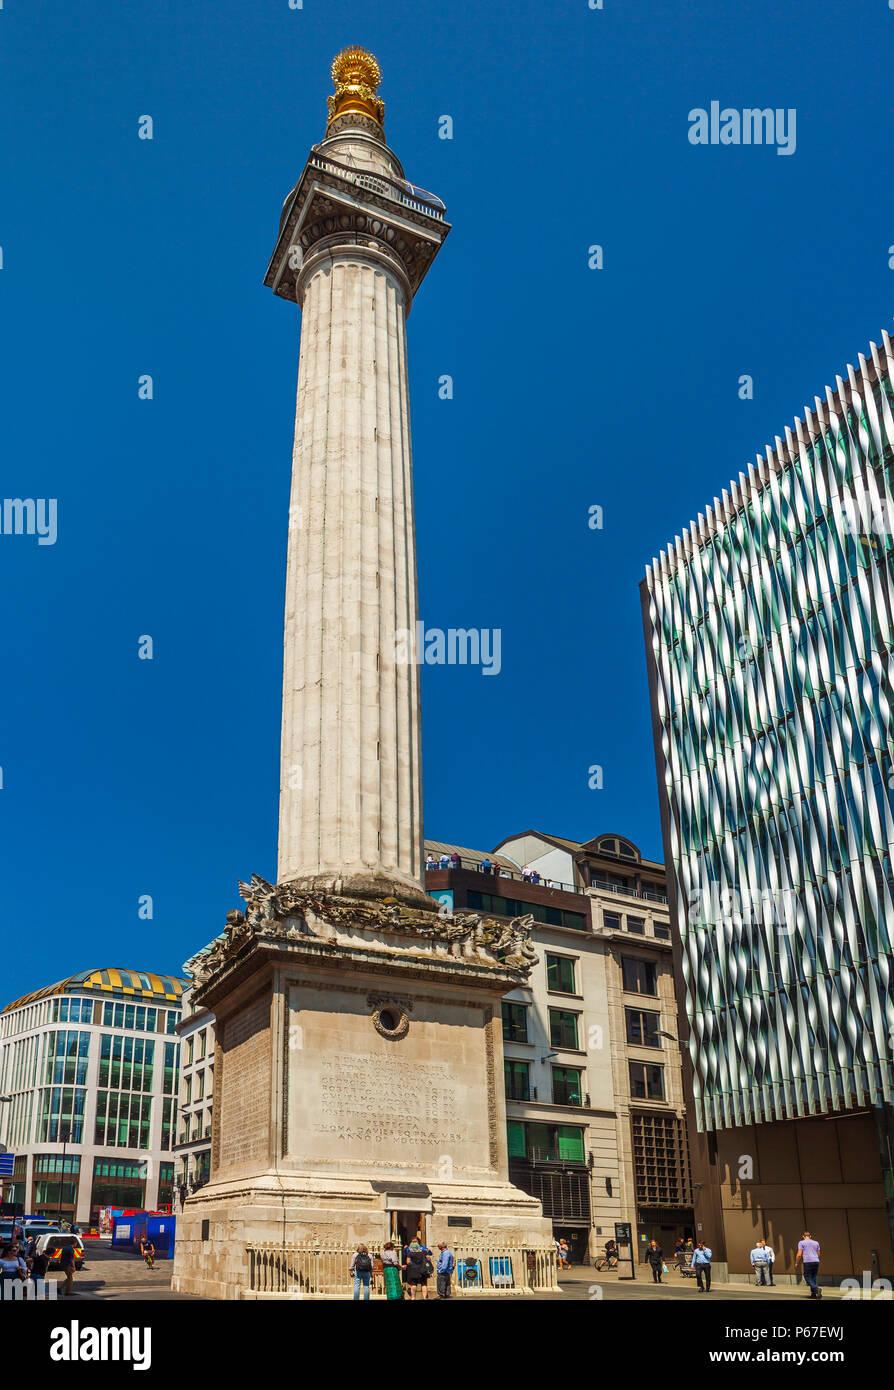 Das Denkmal für den großen Brand von London. Stockbild